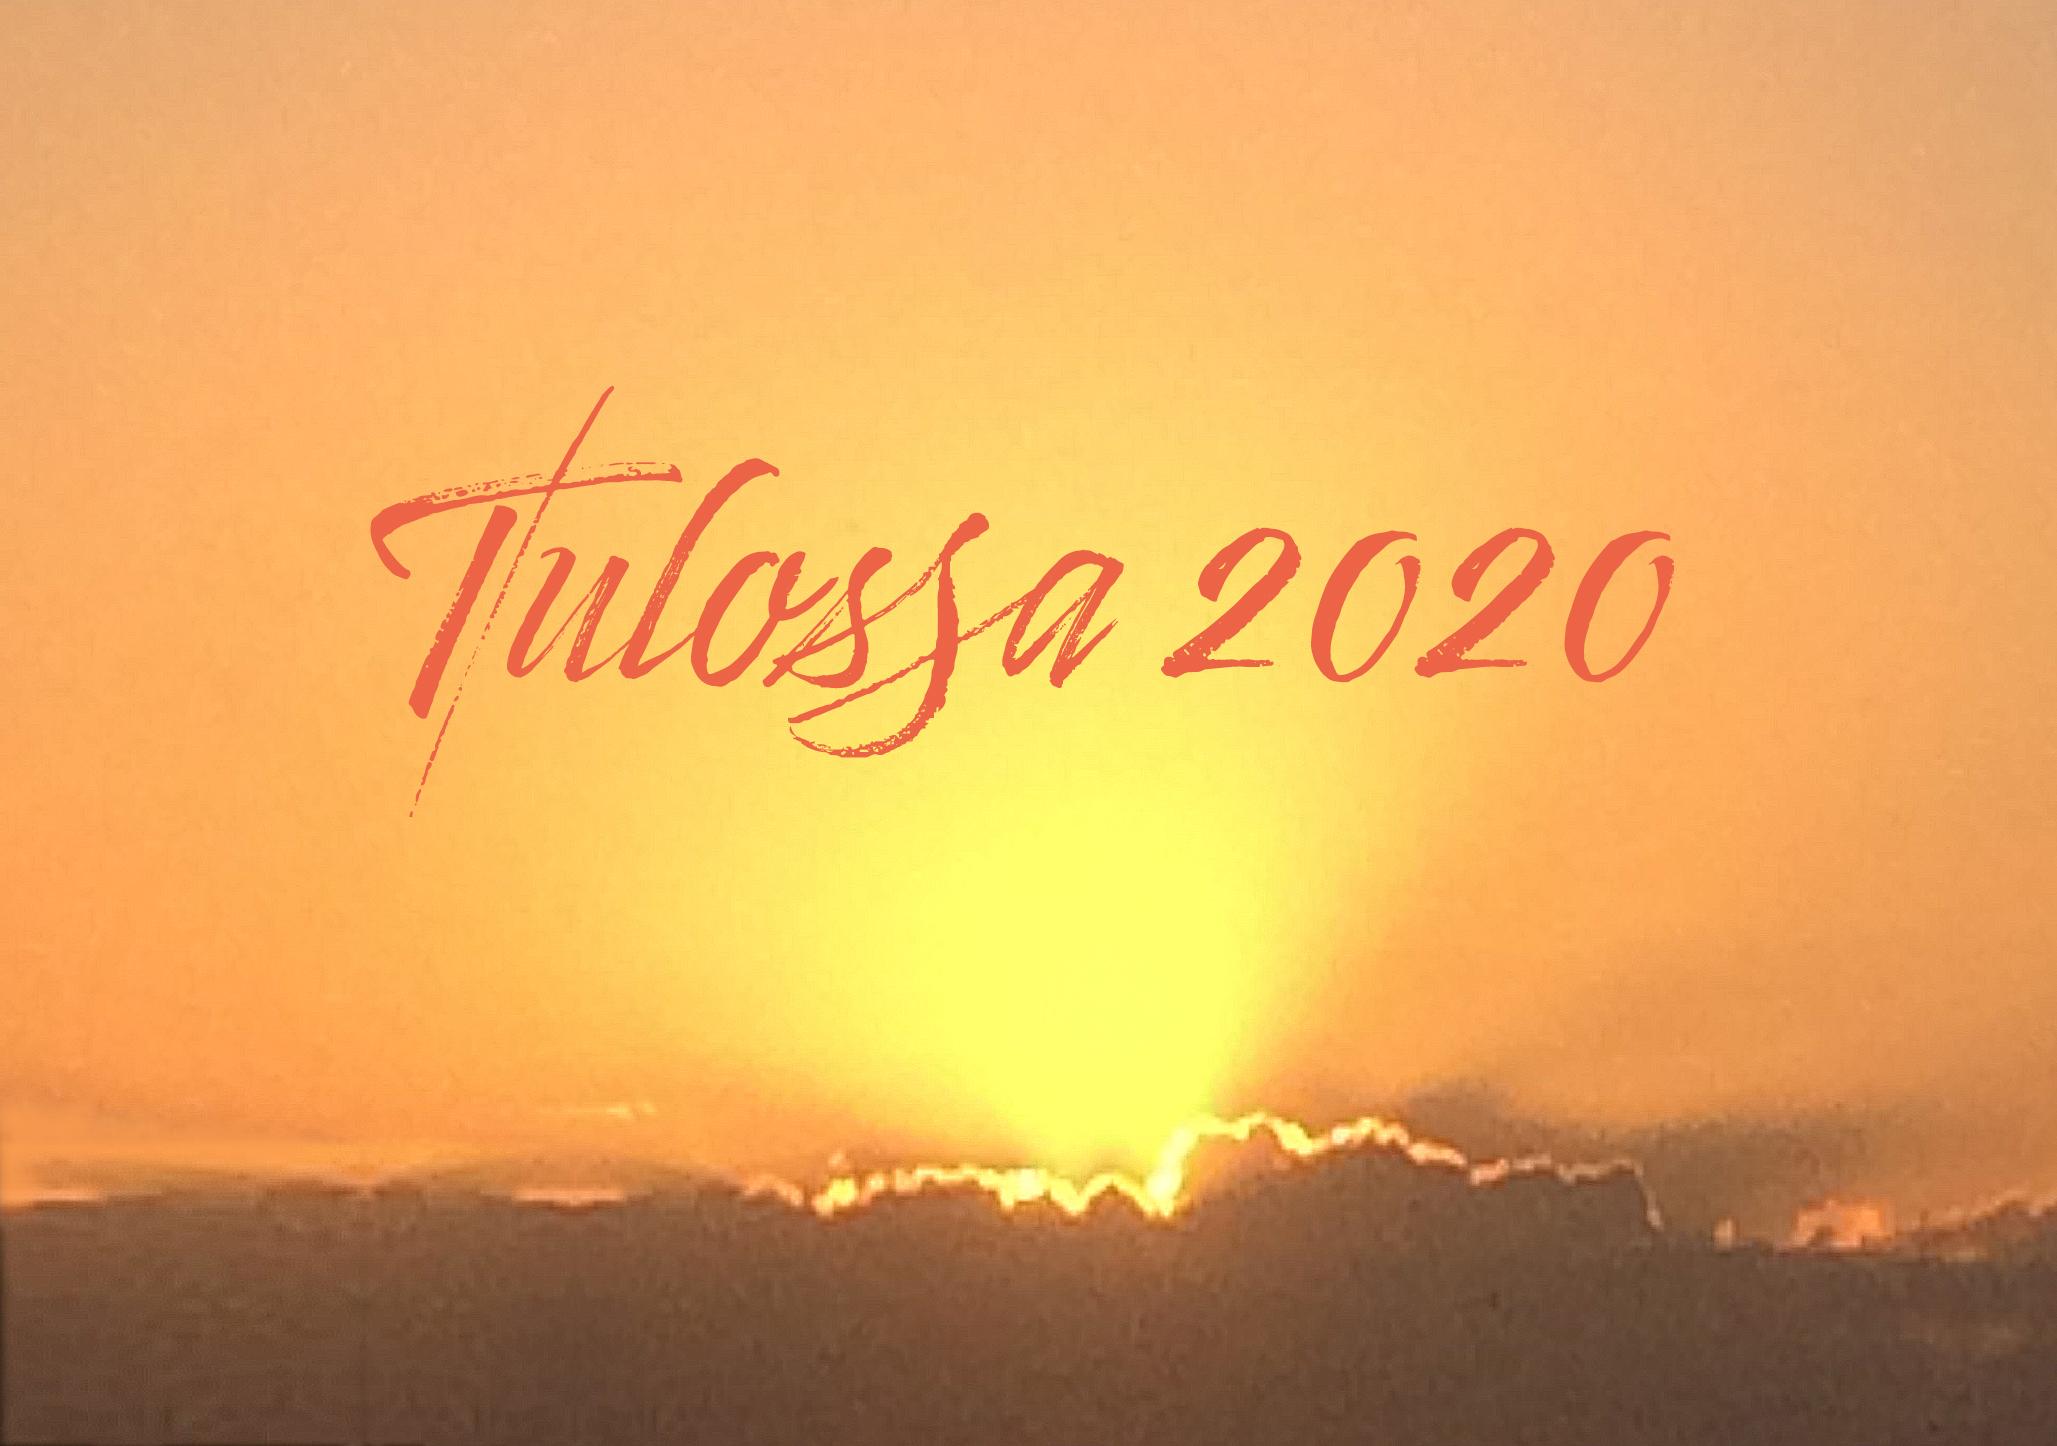 Tulossa2020